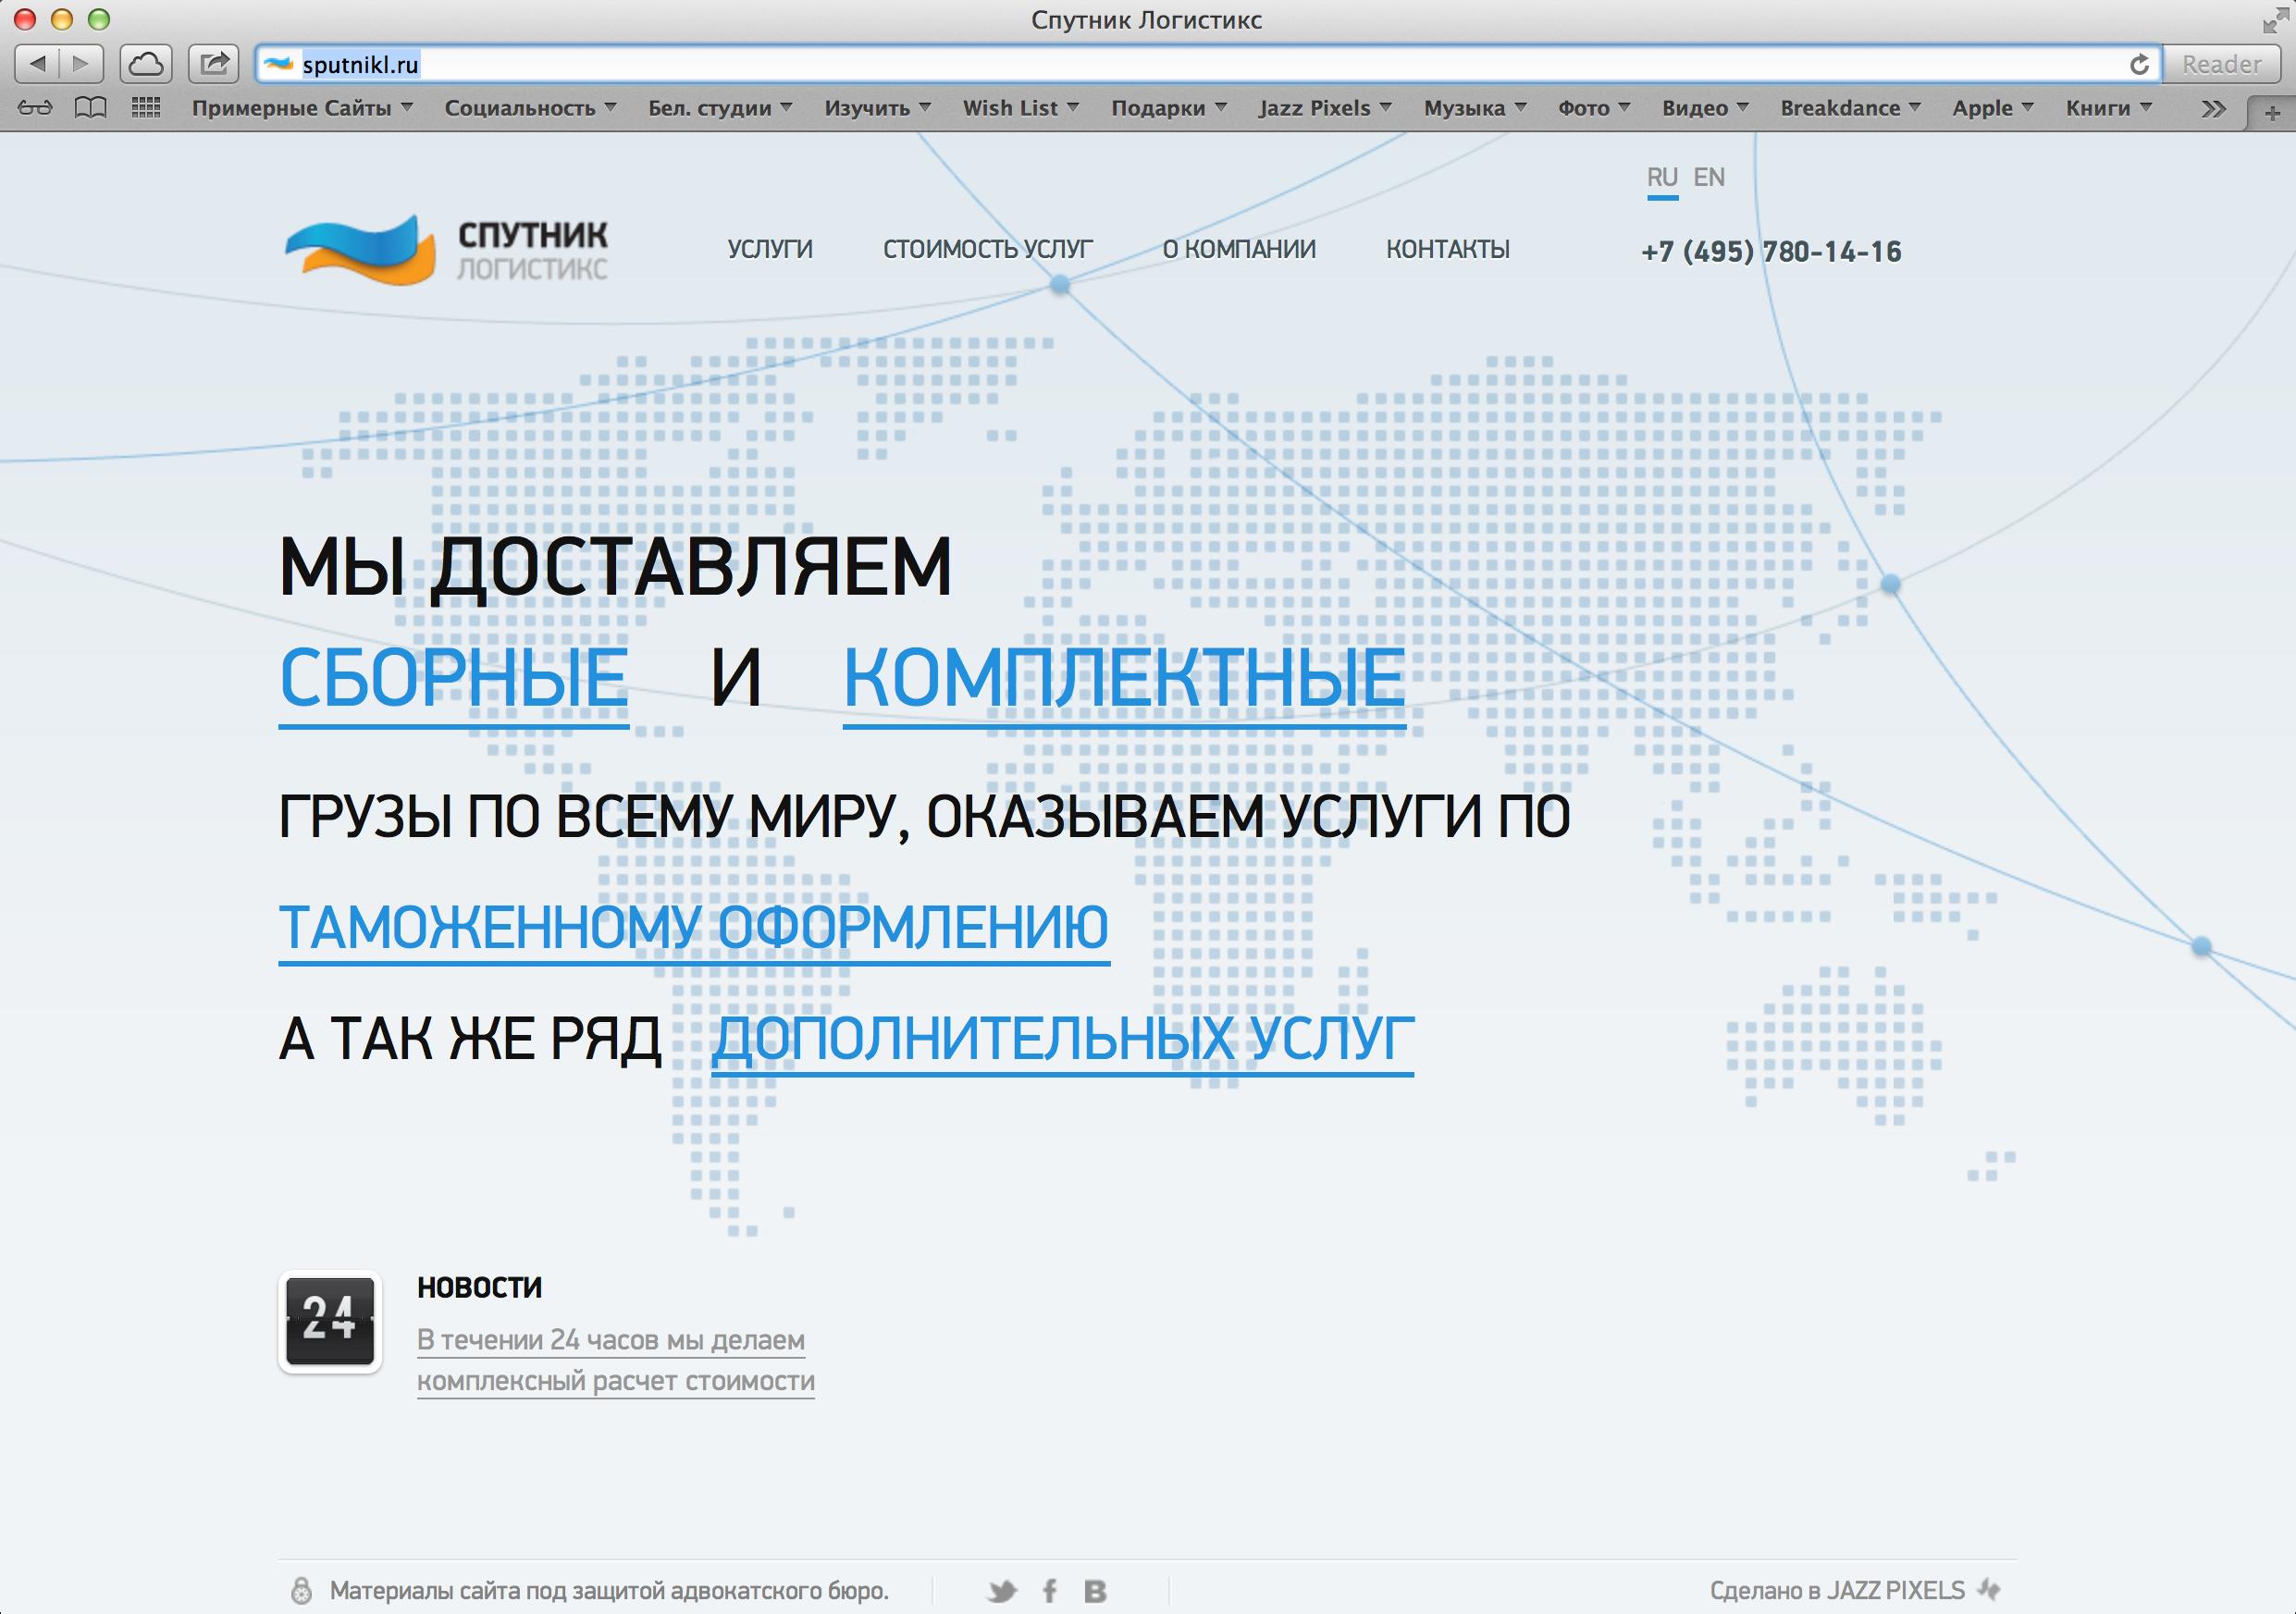 Главная страница сайта компании Спутник Логистикс